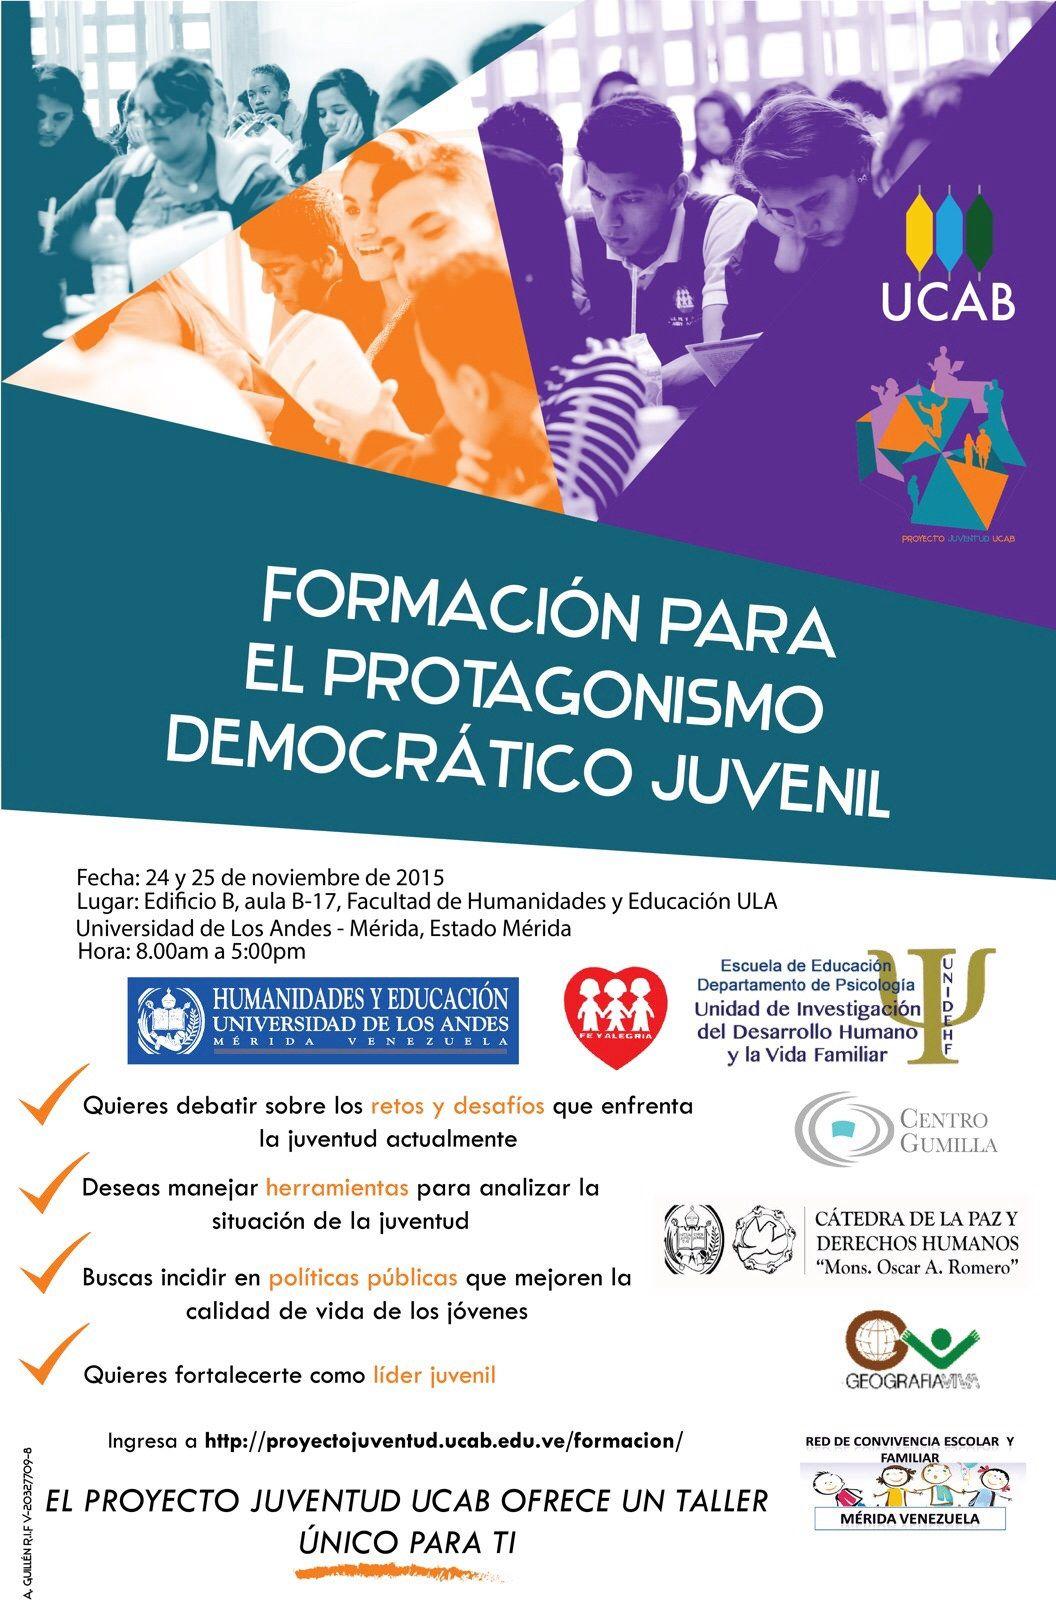 https://flic.kr/p/ABY3St | ¿Joven? ¿Emprendedor y líder? ¿Con aspiraciones sociales, económicas o políticas? Mérida 24 y 25 Noviembre